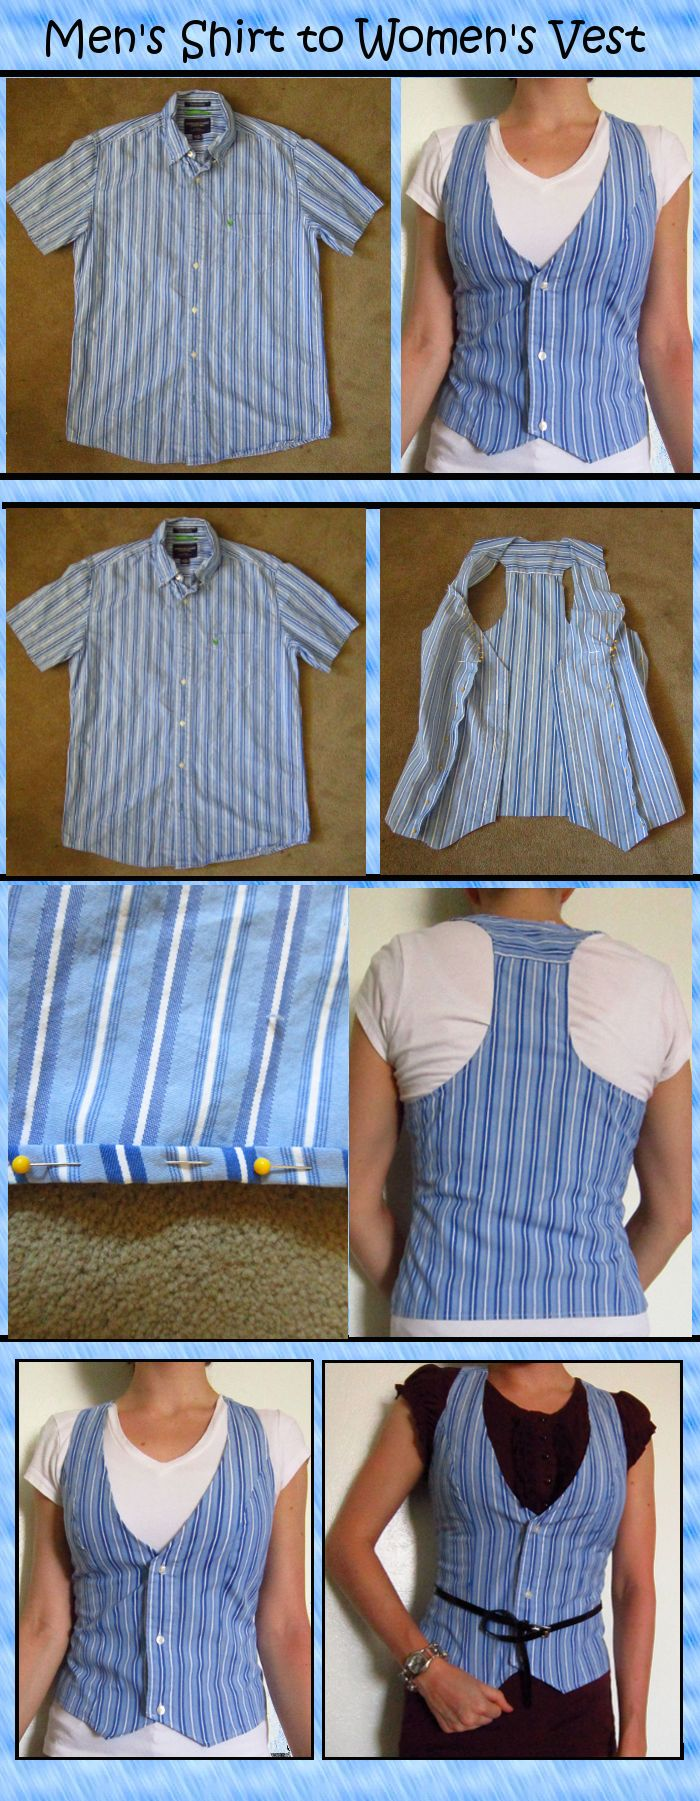 Quer dar um presente, ou fazer algo para si? Então este é um #upcycle perfeito para você: de camisa masculina em colete feminino! www.eCycle.com.br Sua pegada mais leve.